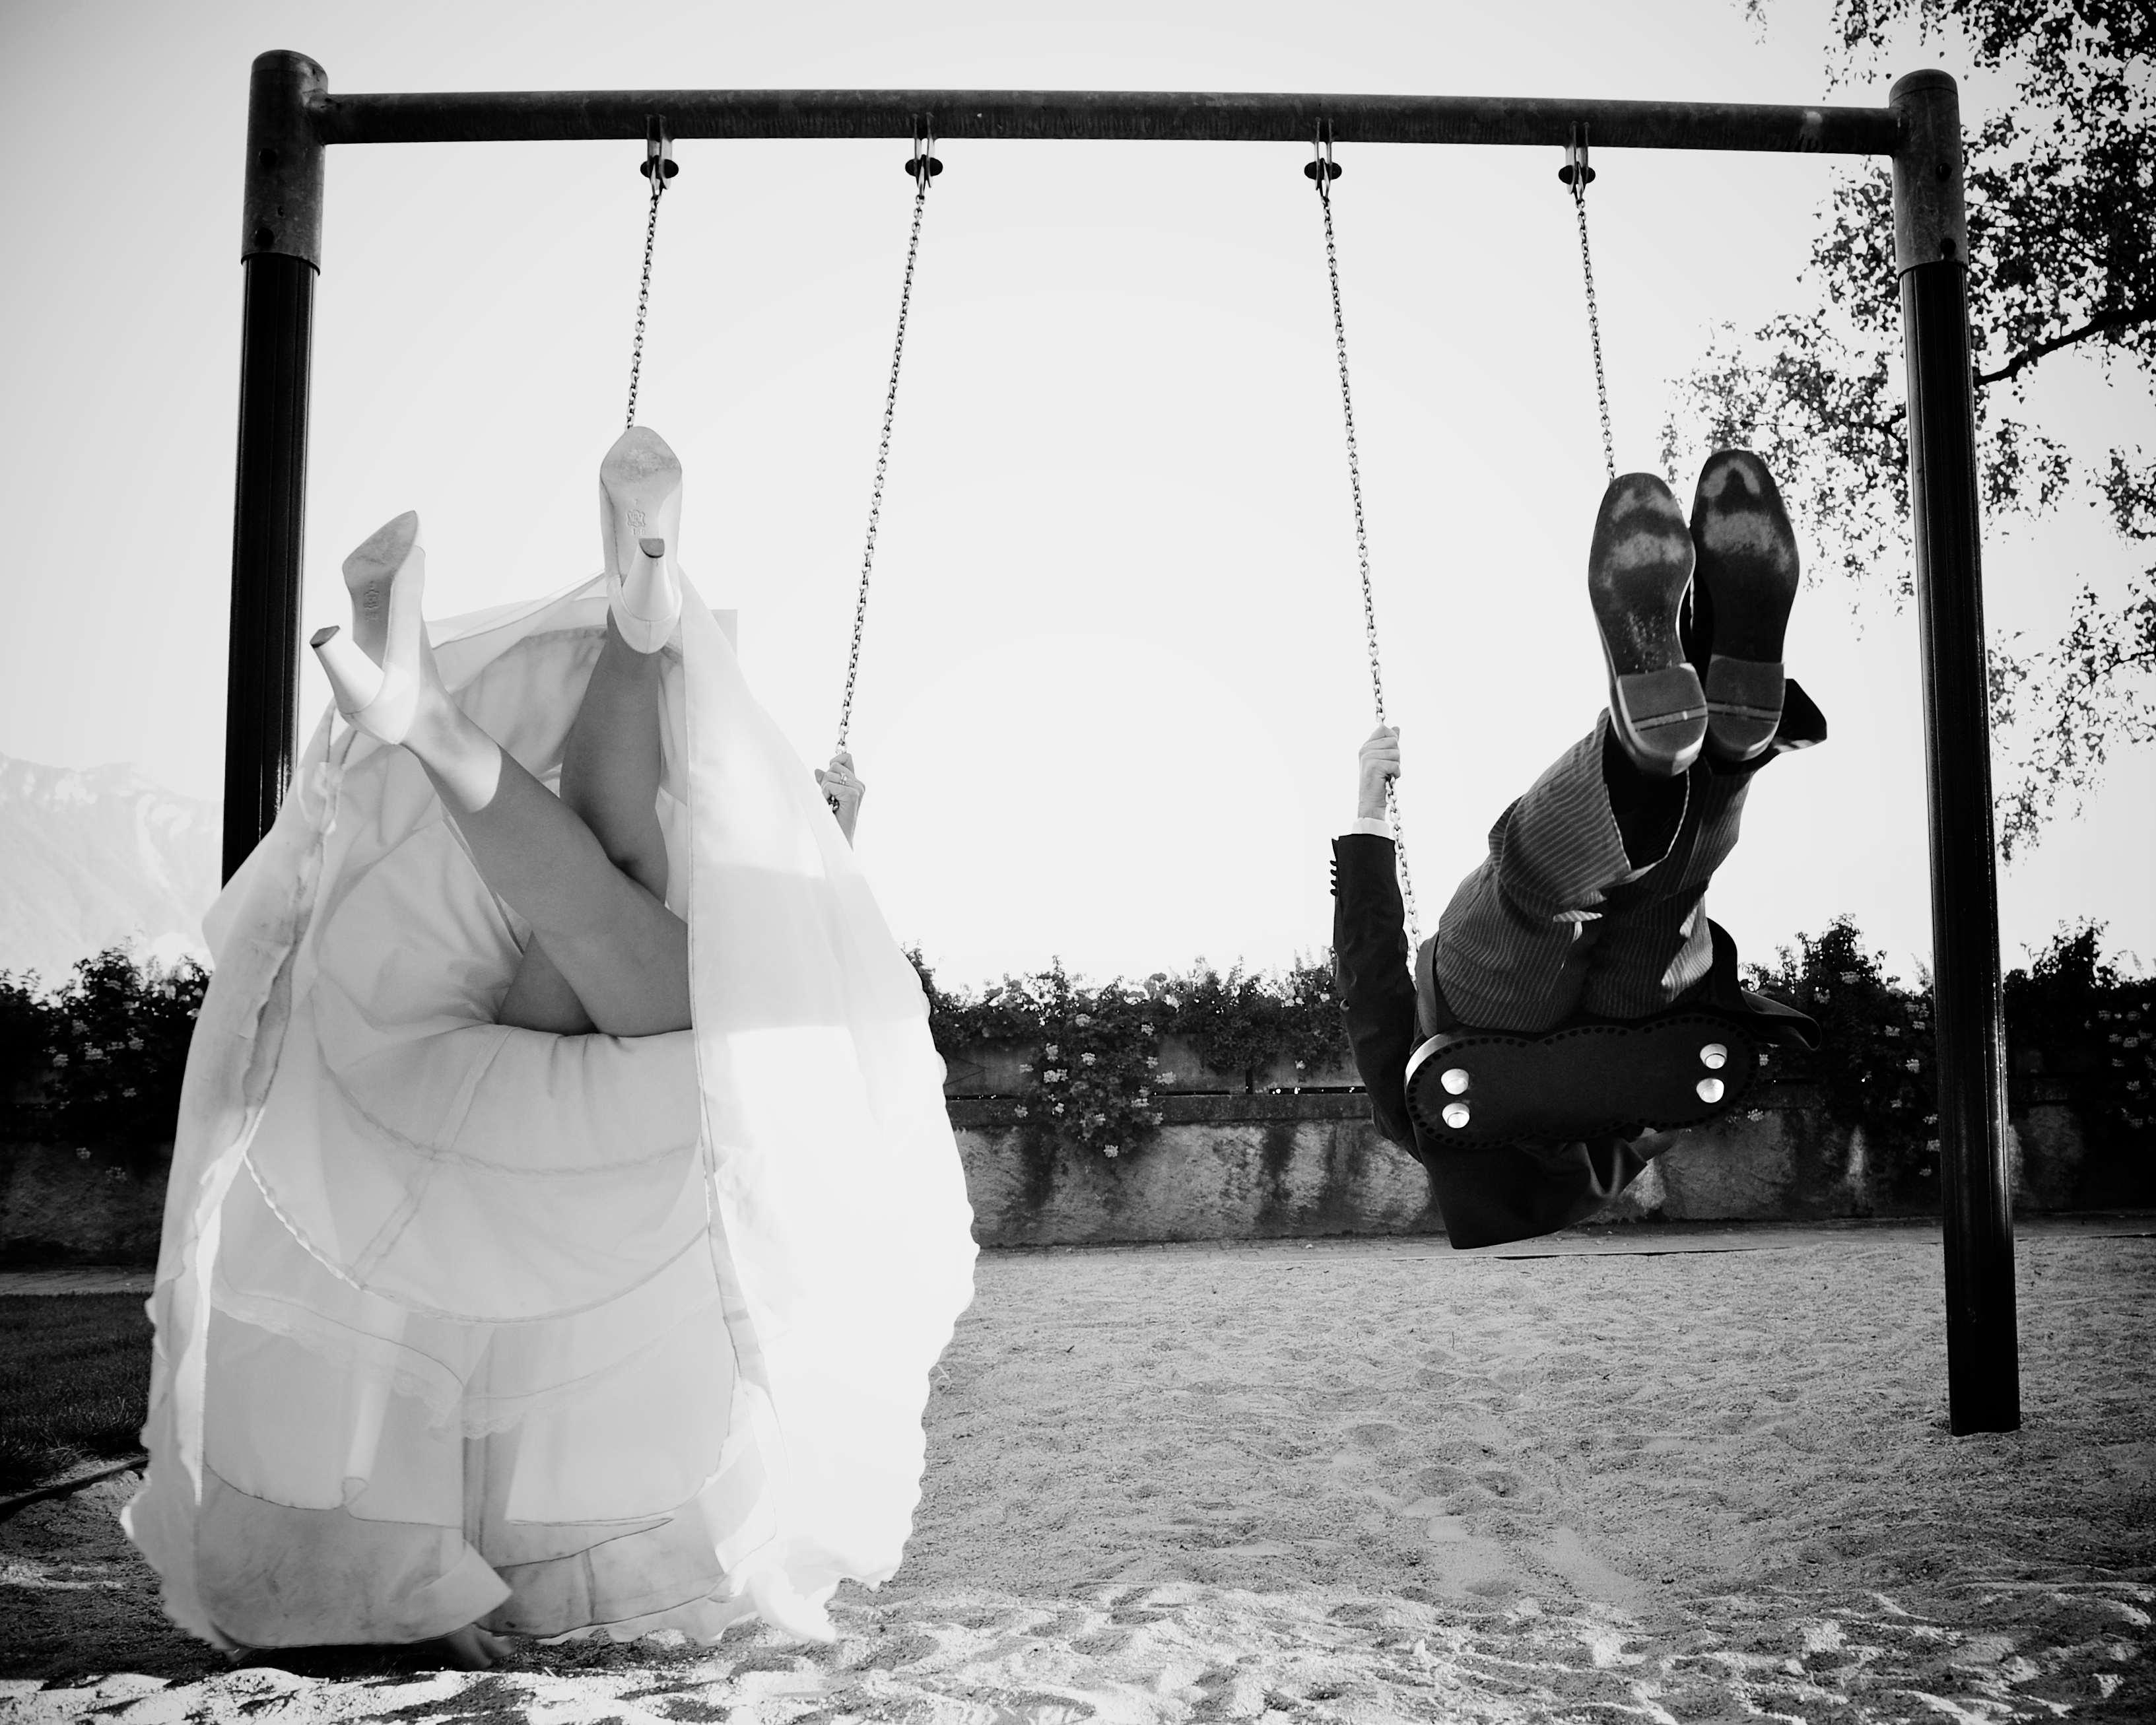 Les autres mariages